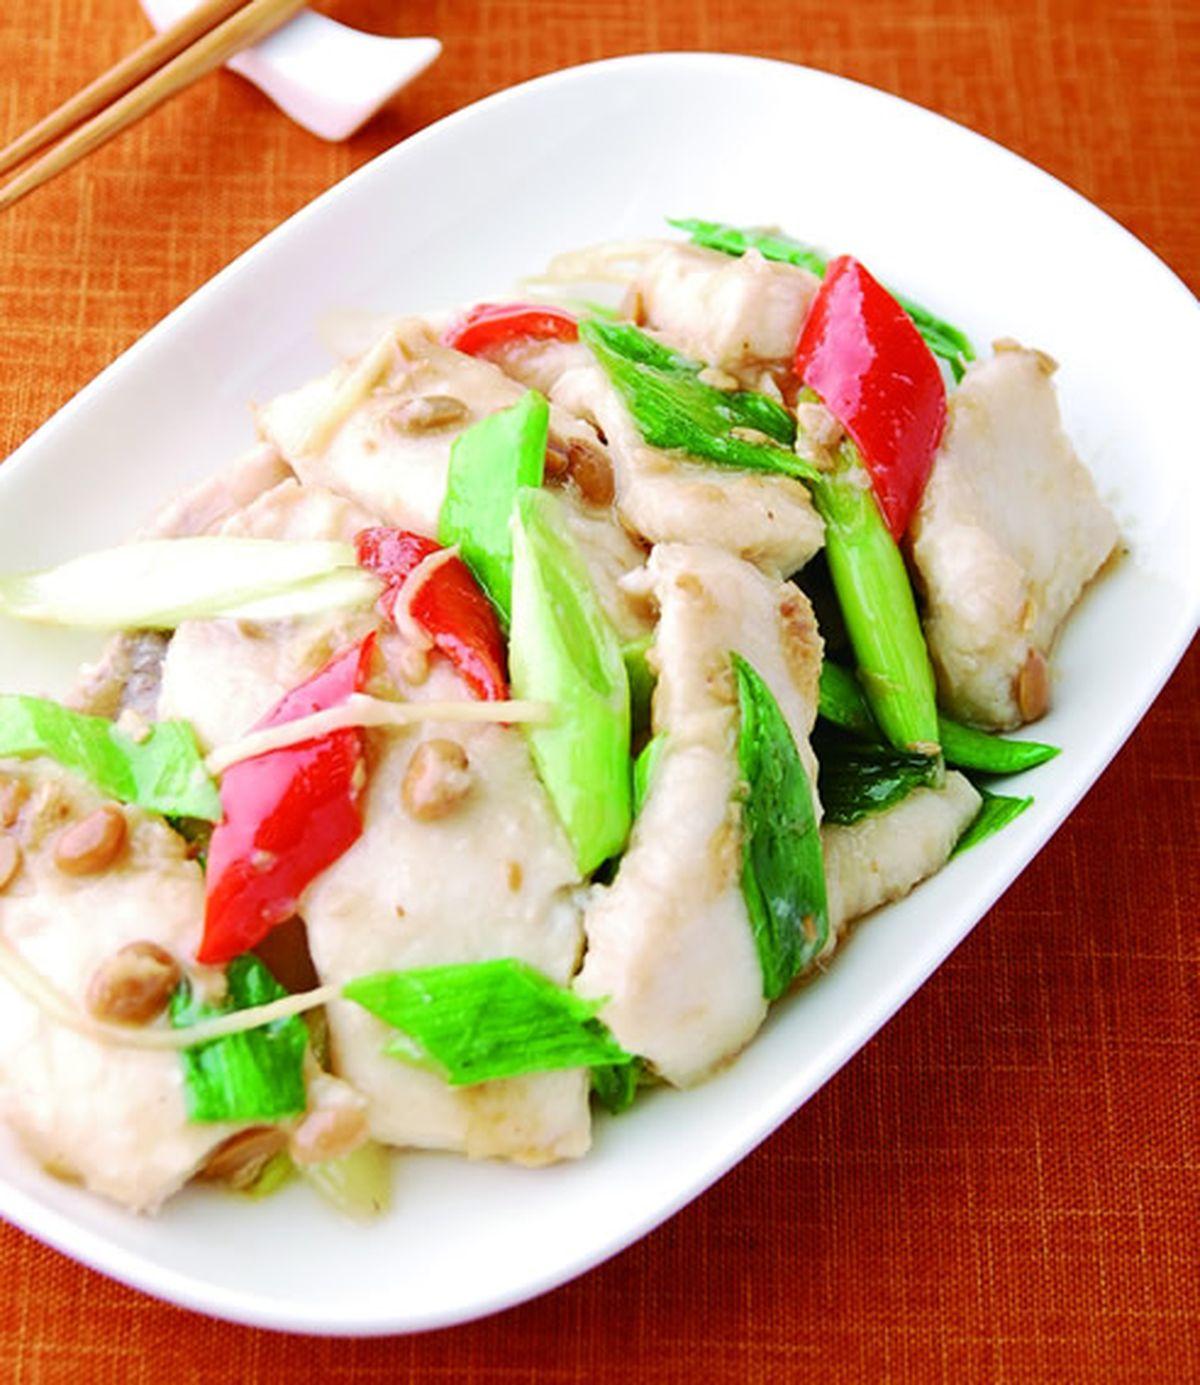 食譜:蒜苗豆醬炒鯊魚